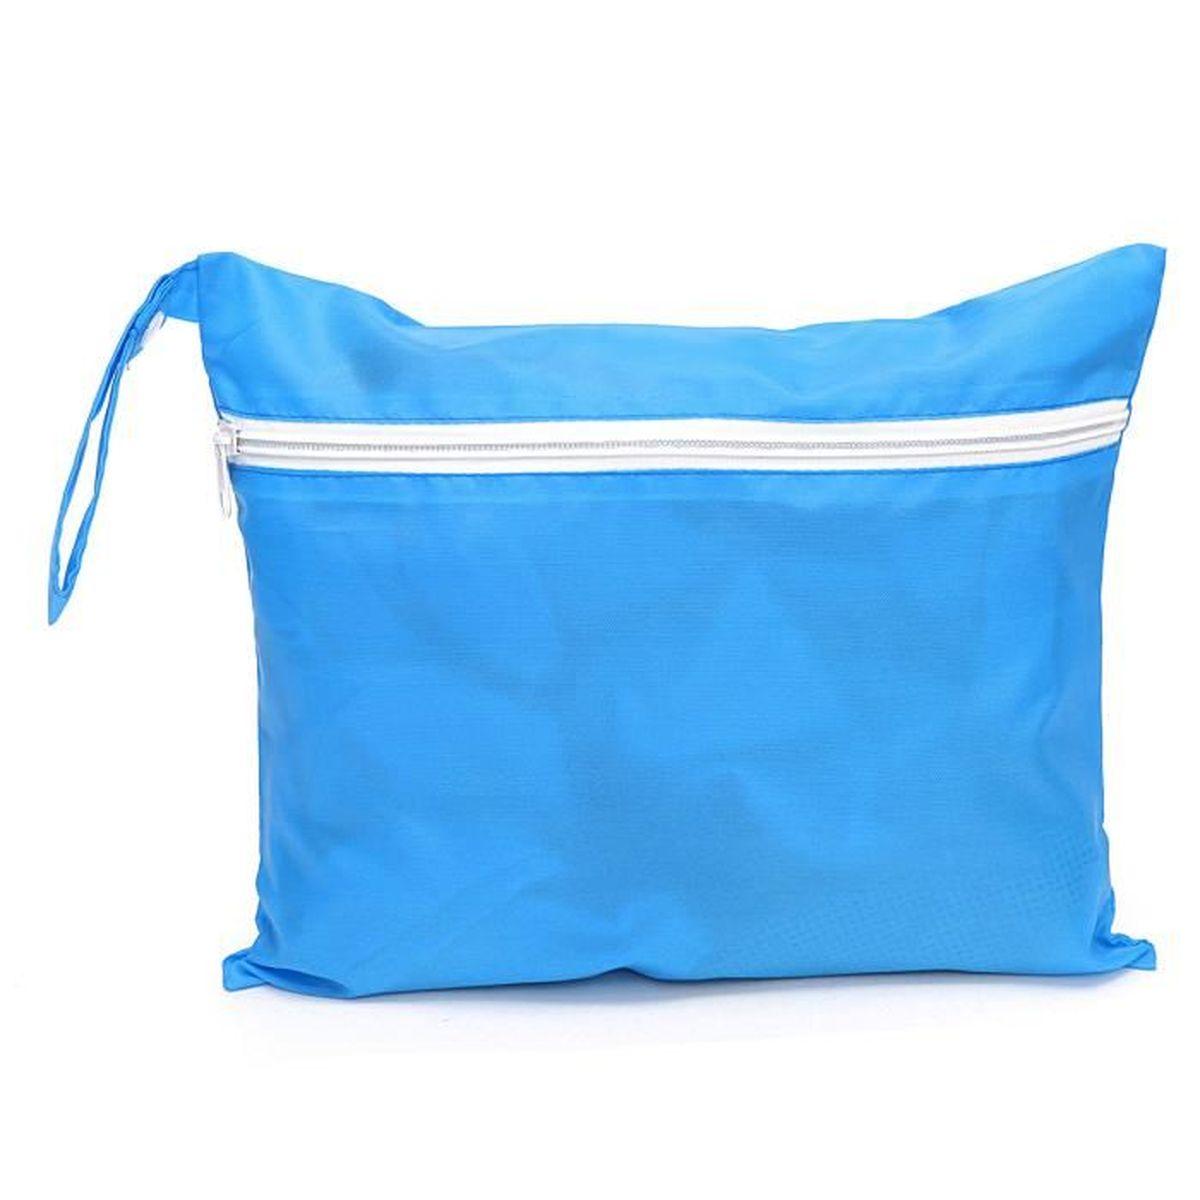 Sacs à couches rangement imperméable tote landau pour couche vetement nappy bébé bleu clair